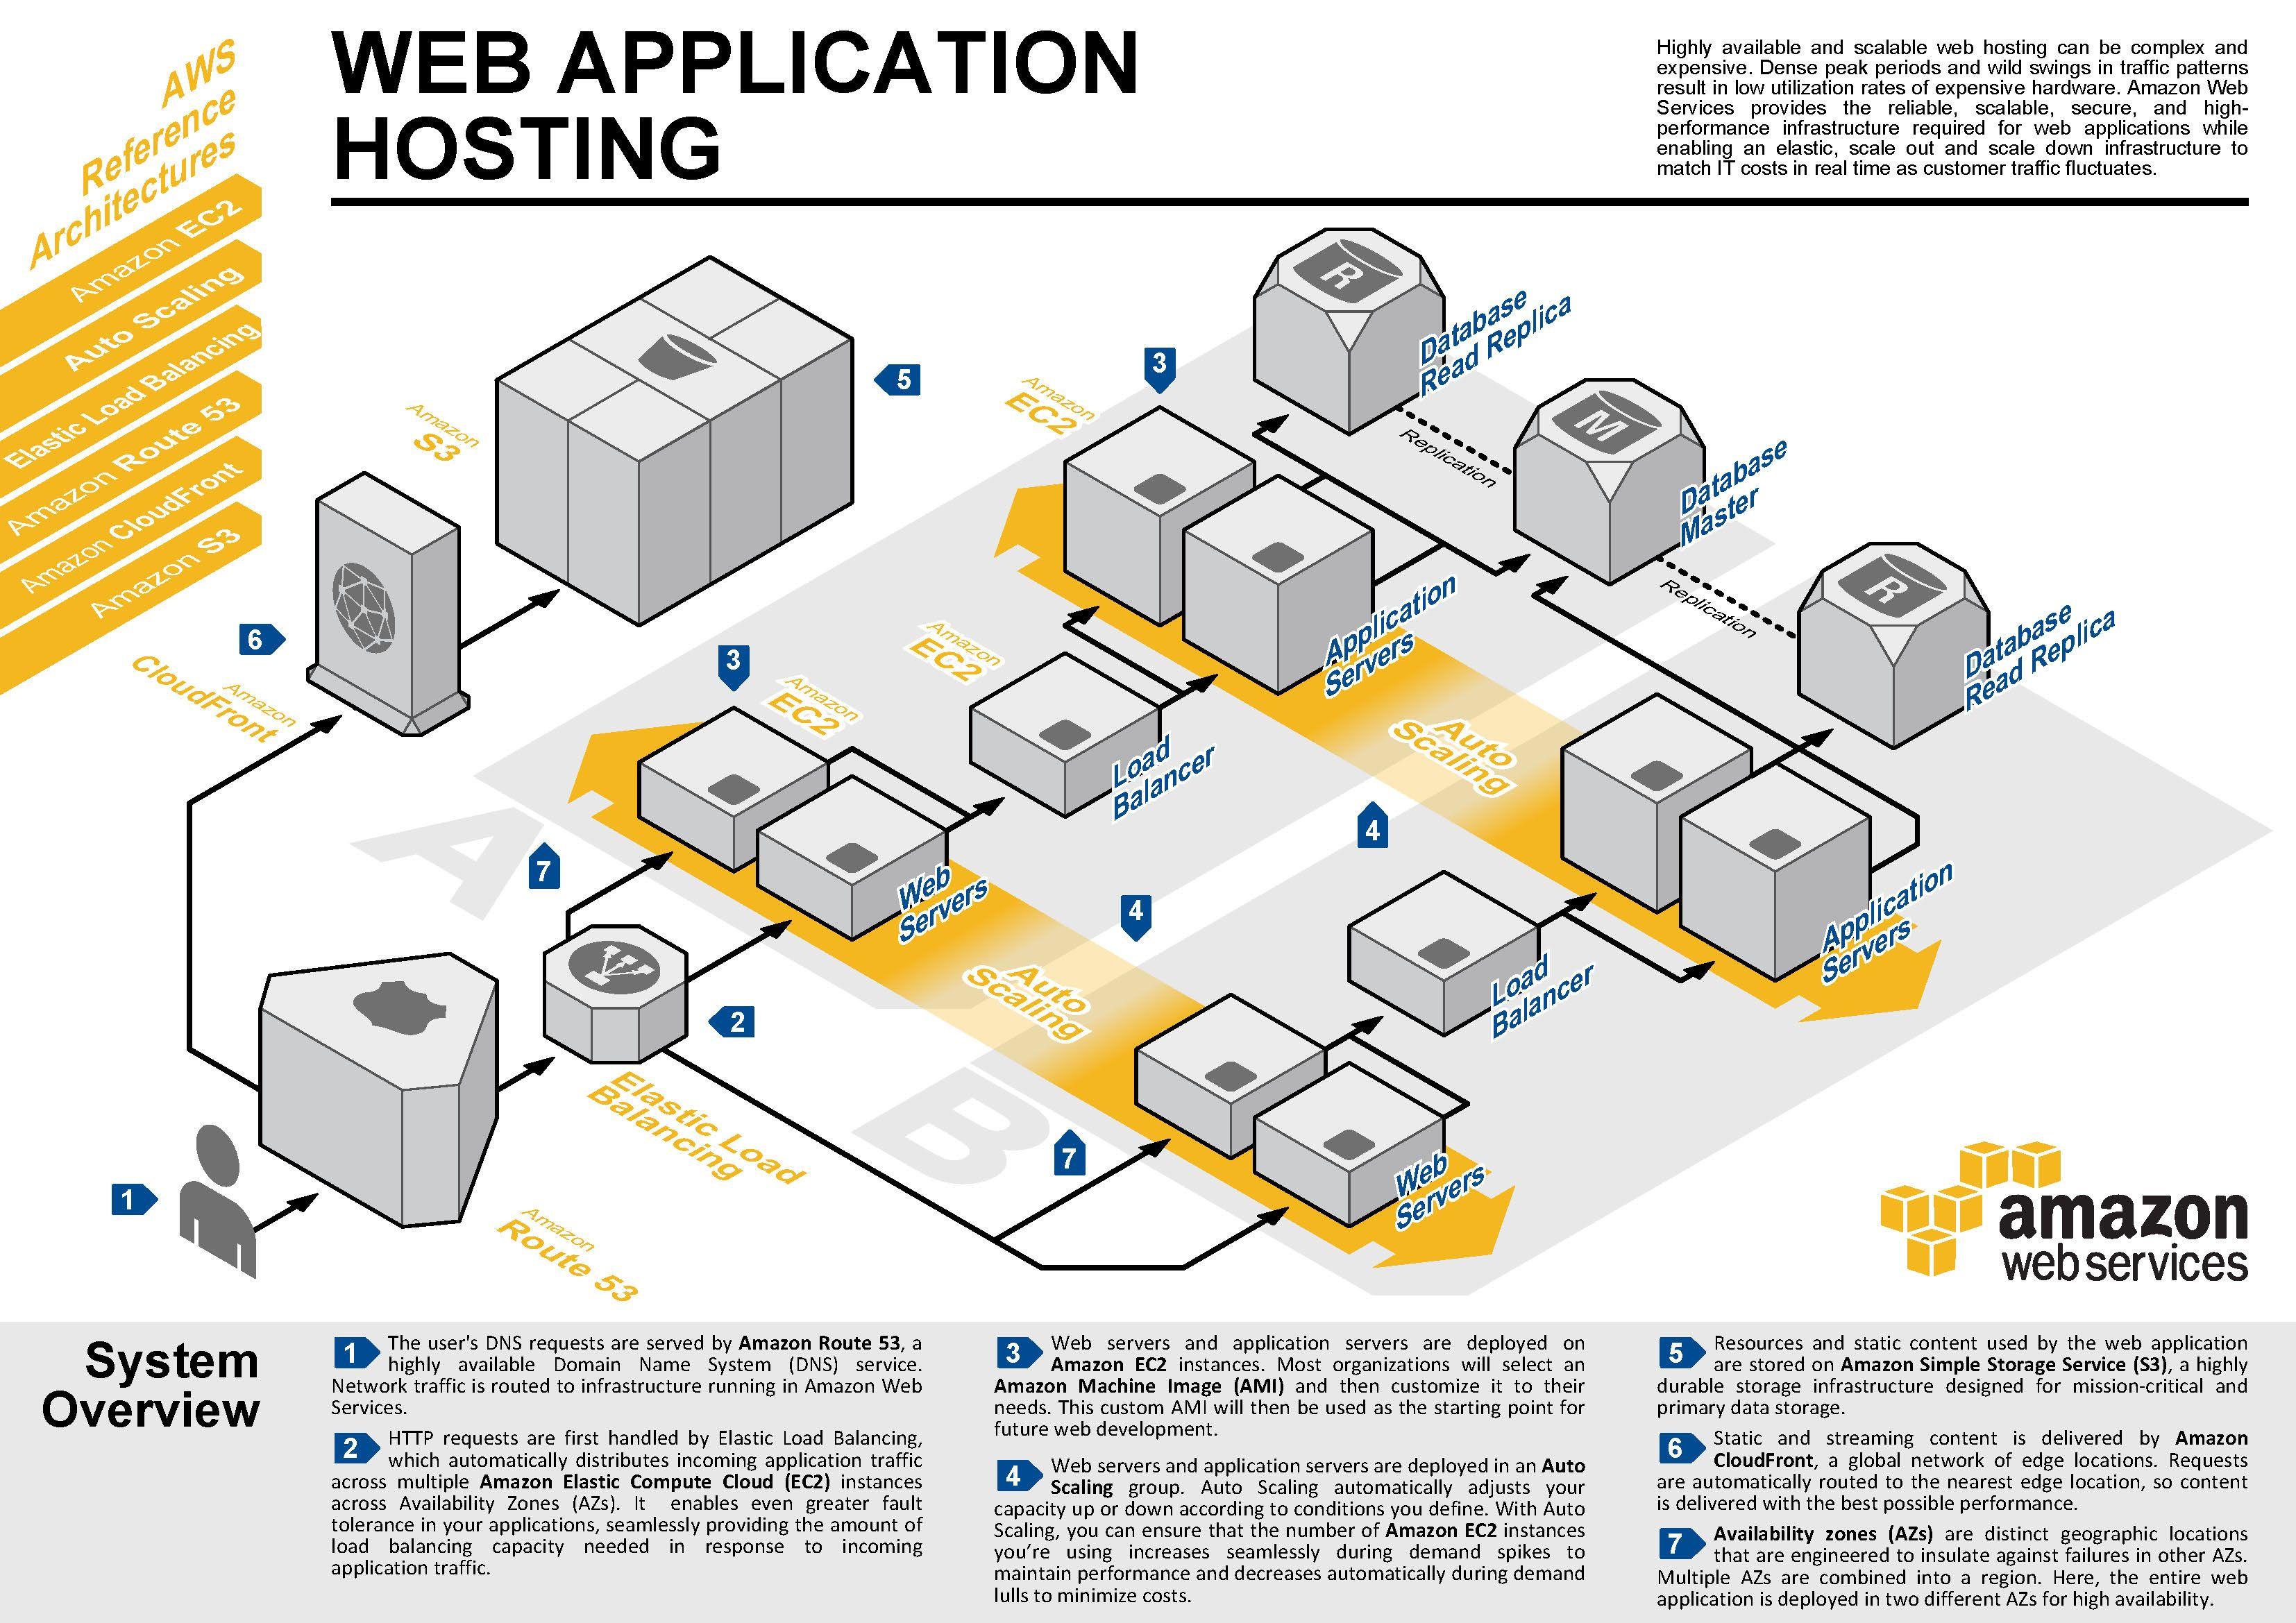 http://www.ryhug.com/wp-content/uploads/2012/07/AWS_ac_ra ...